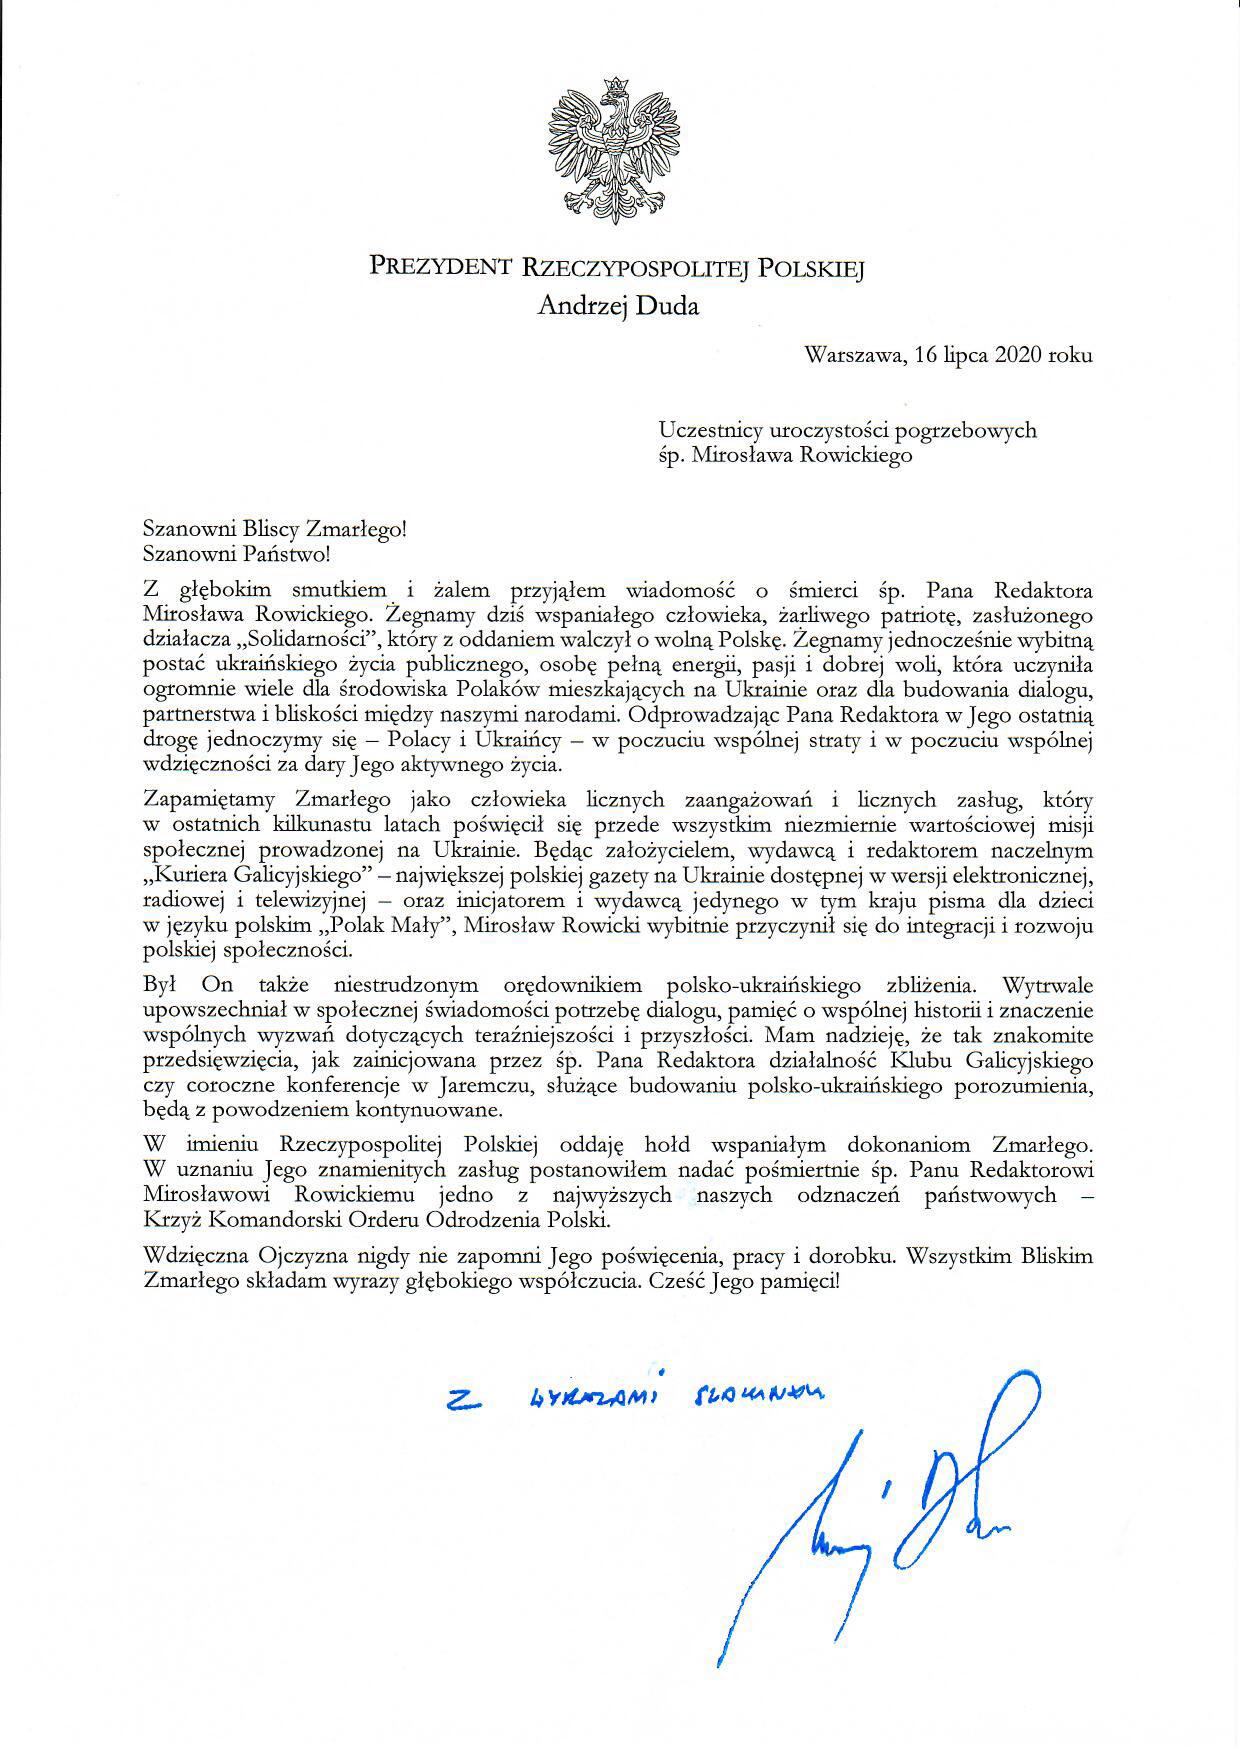 Msza pożegnalna Mirosława Rowickiego w katedrze lwowskiej